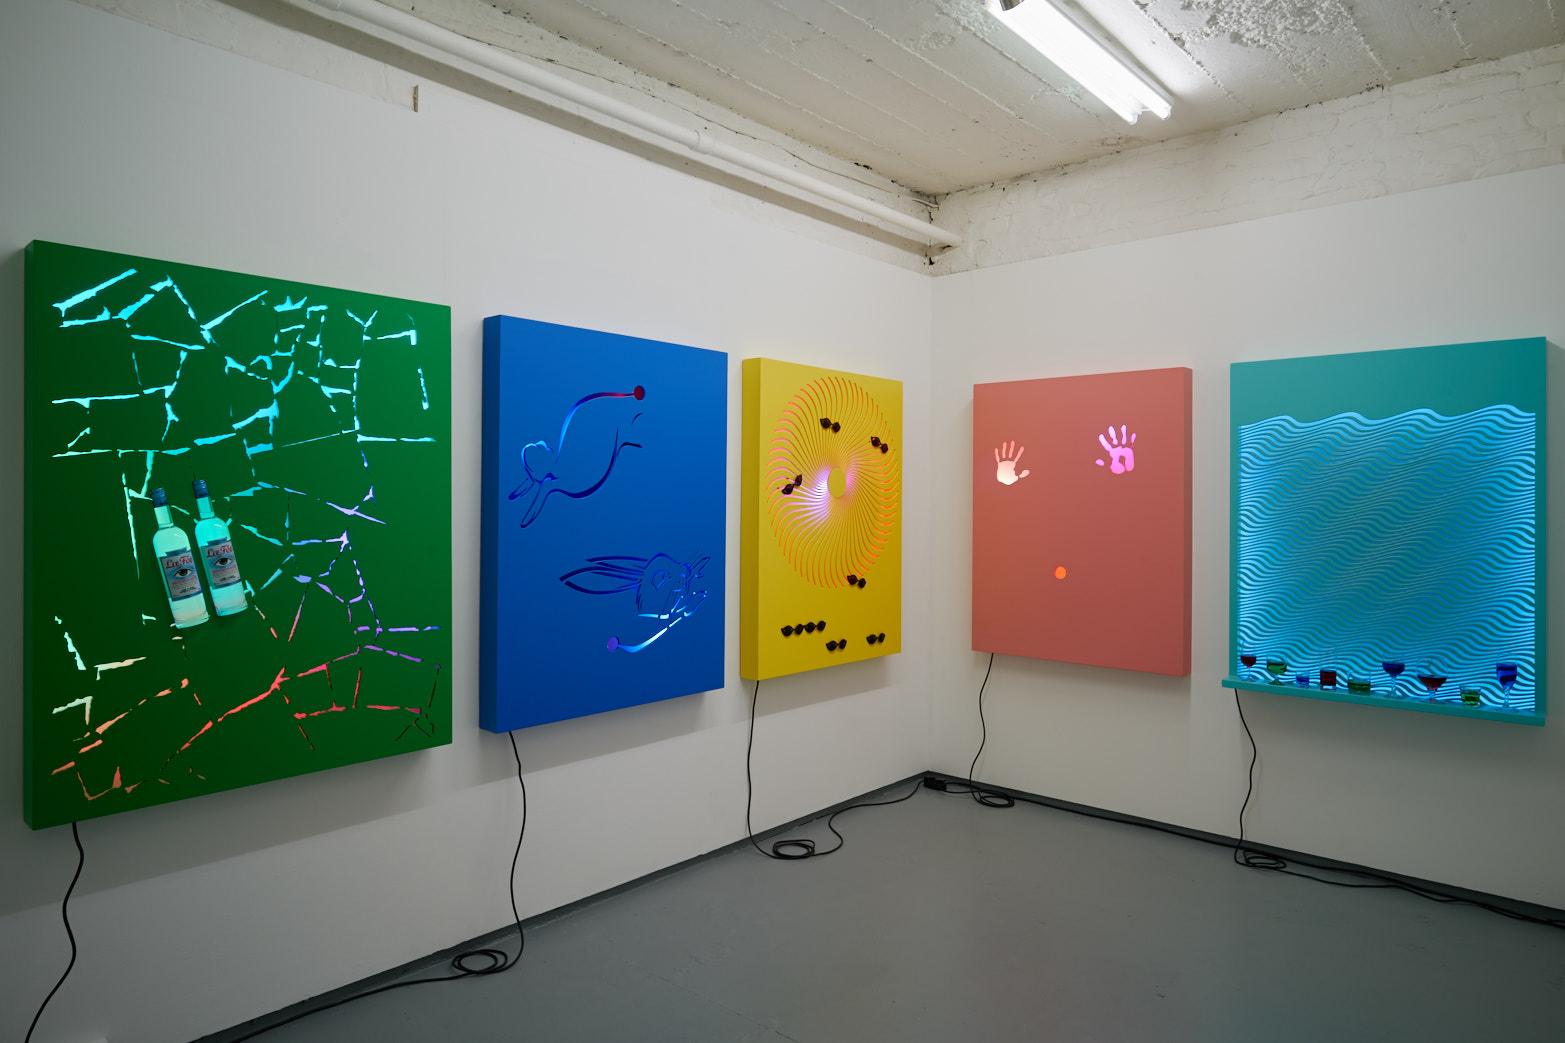 David Ferrando Giraut, Vortex series, 2015. Installation view, Tenderpixel.